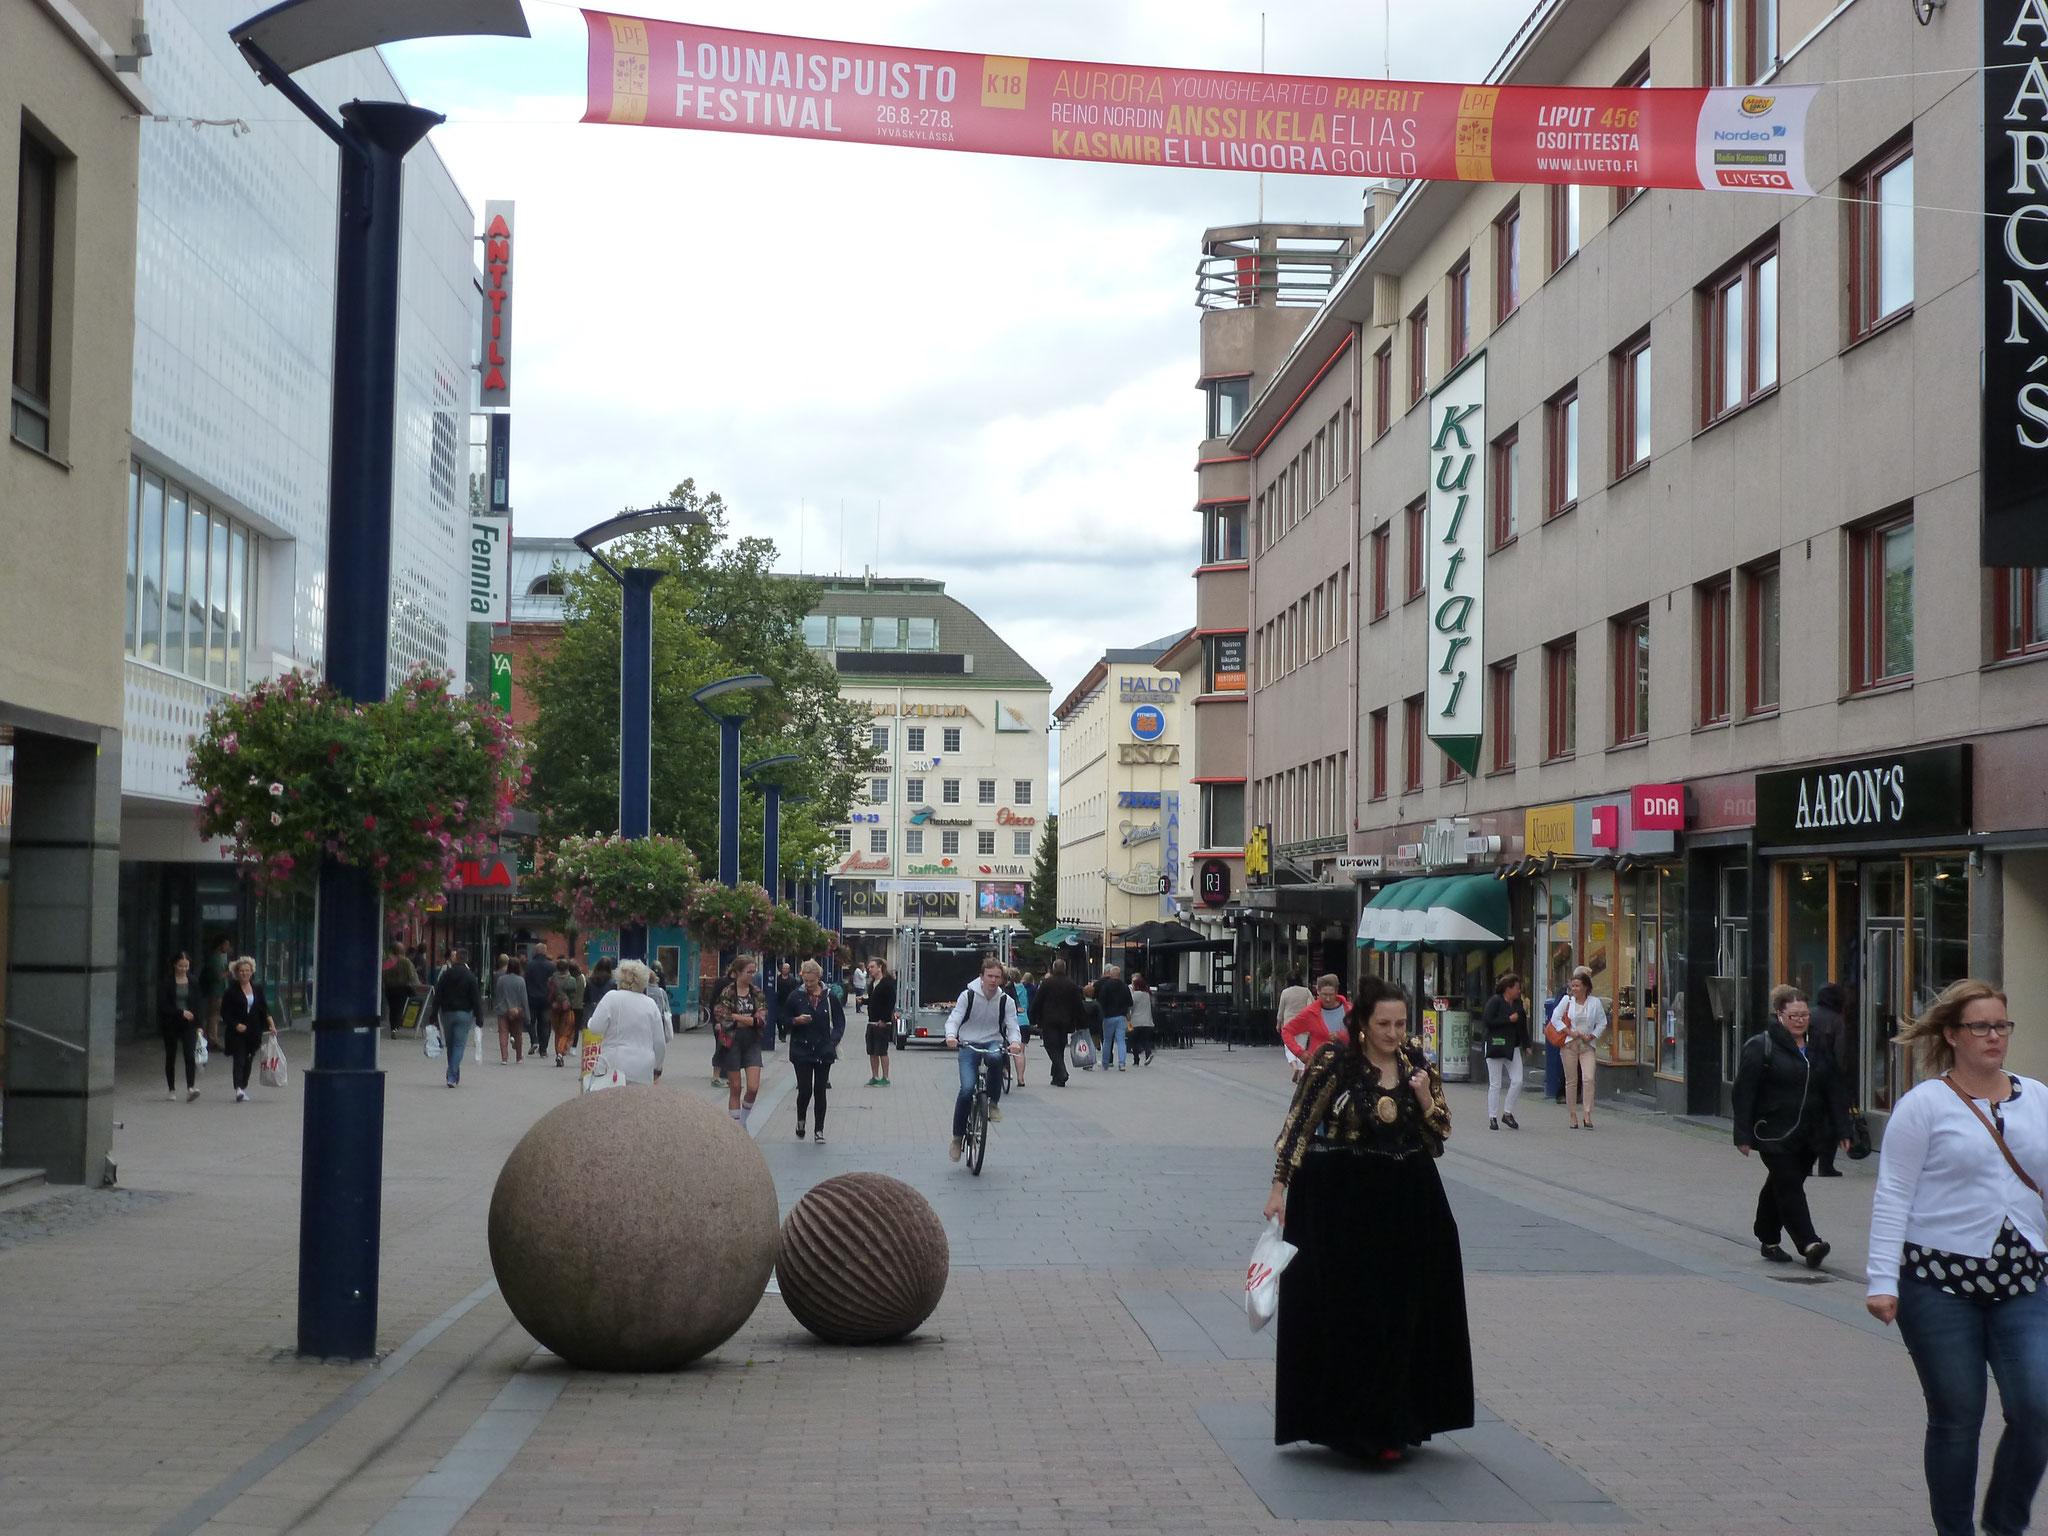 ...denn Jyväskylä ist in erster Linie eine bekannte Universitätsstadt.